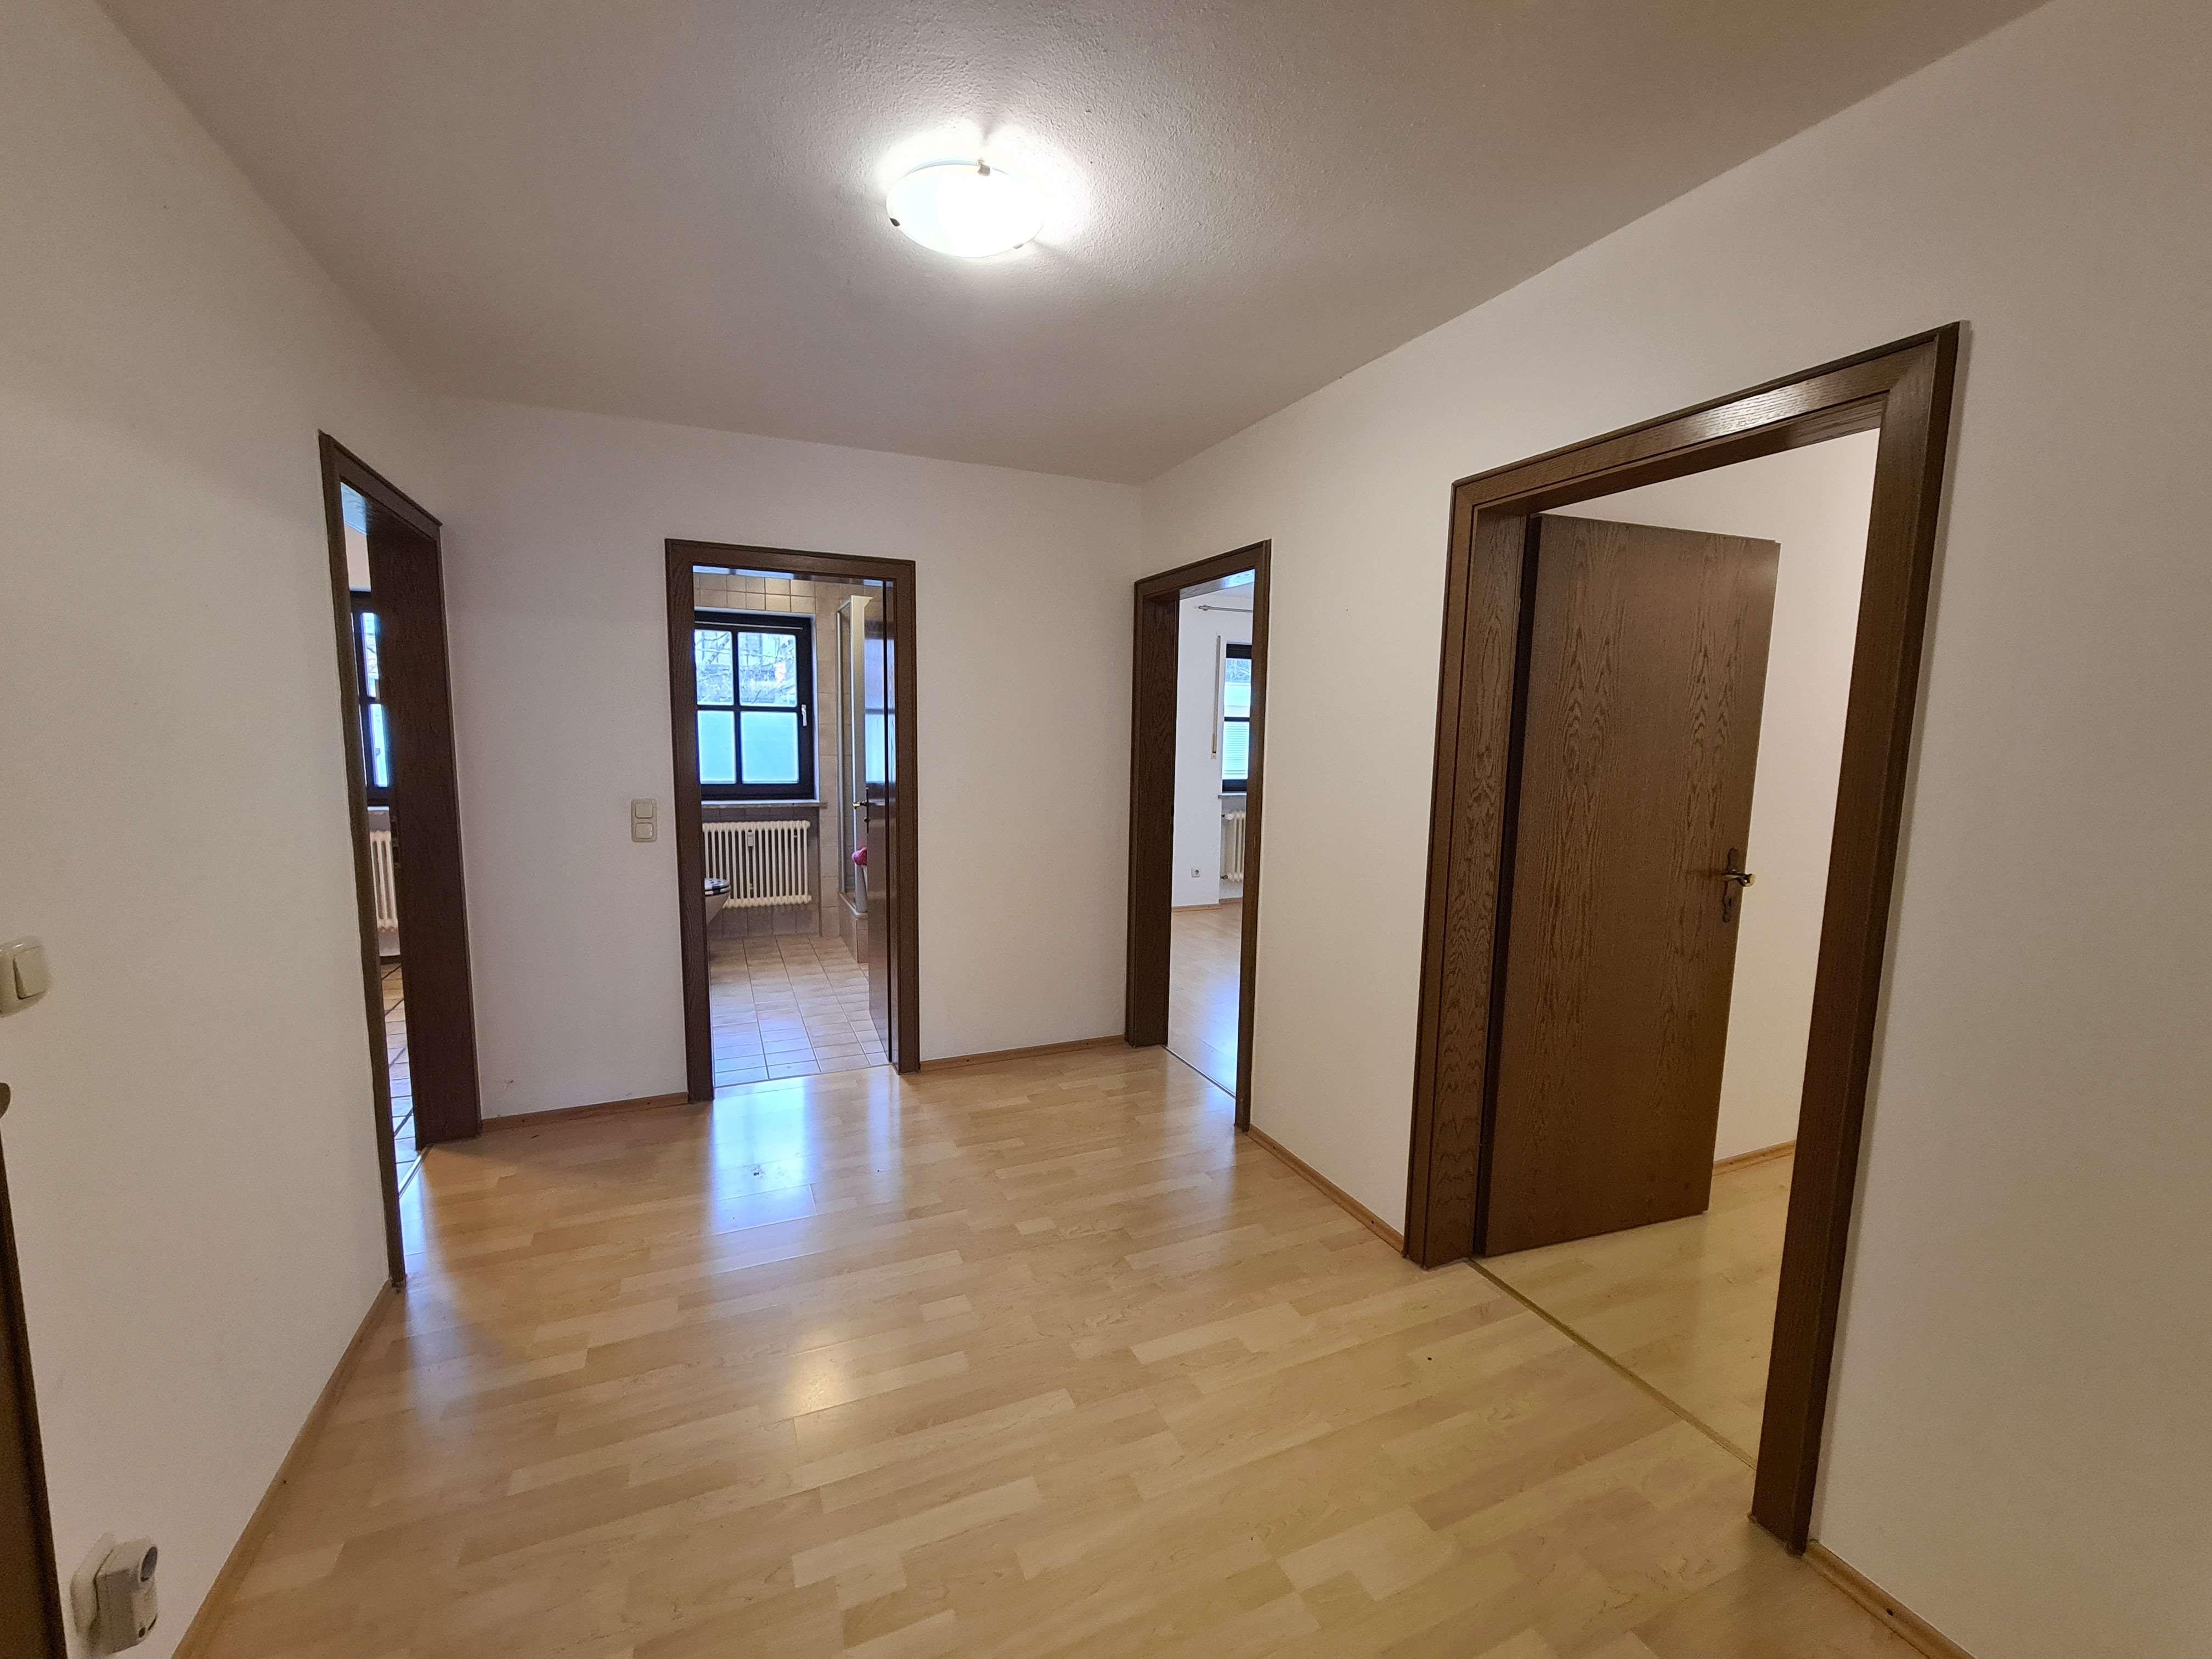 Geräumige 3 Zimmer Wohnung im Neufahrner Süden in